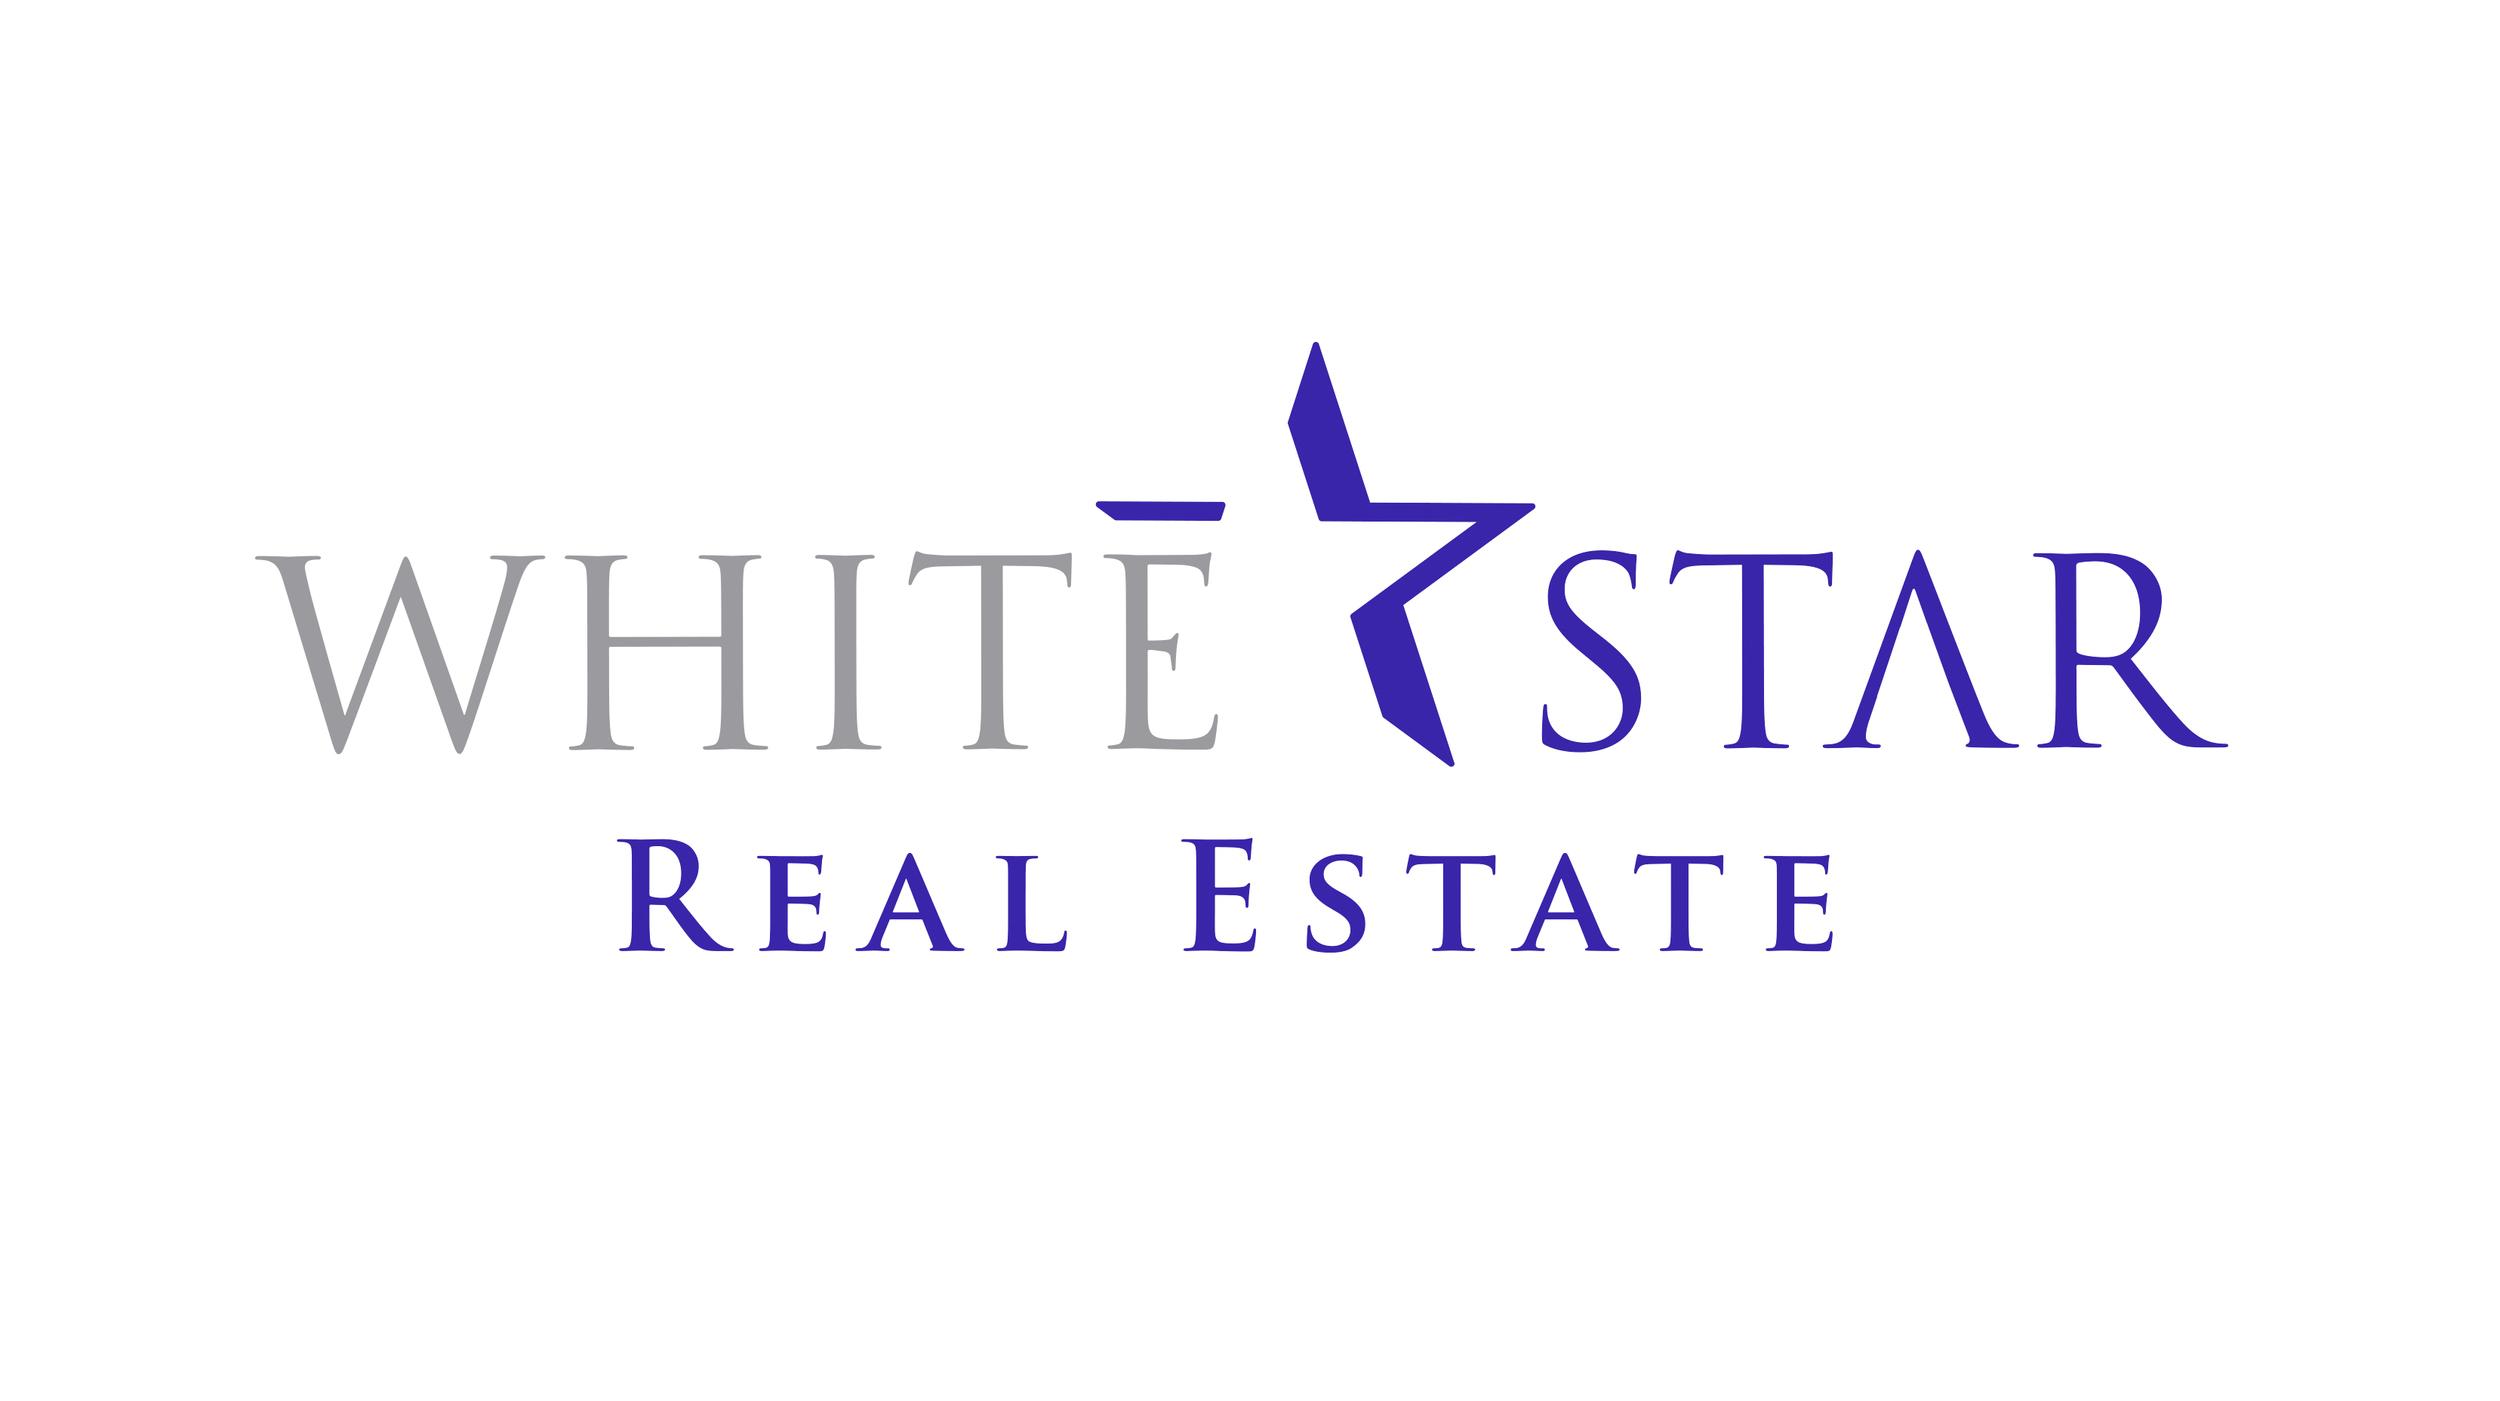 White_STAR_real_estste.jpg